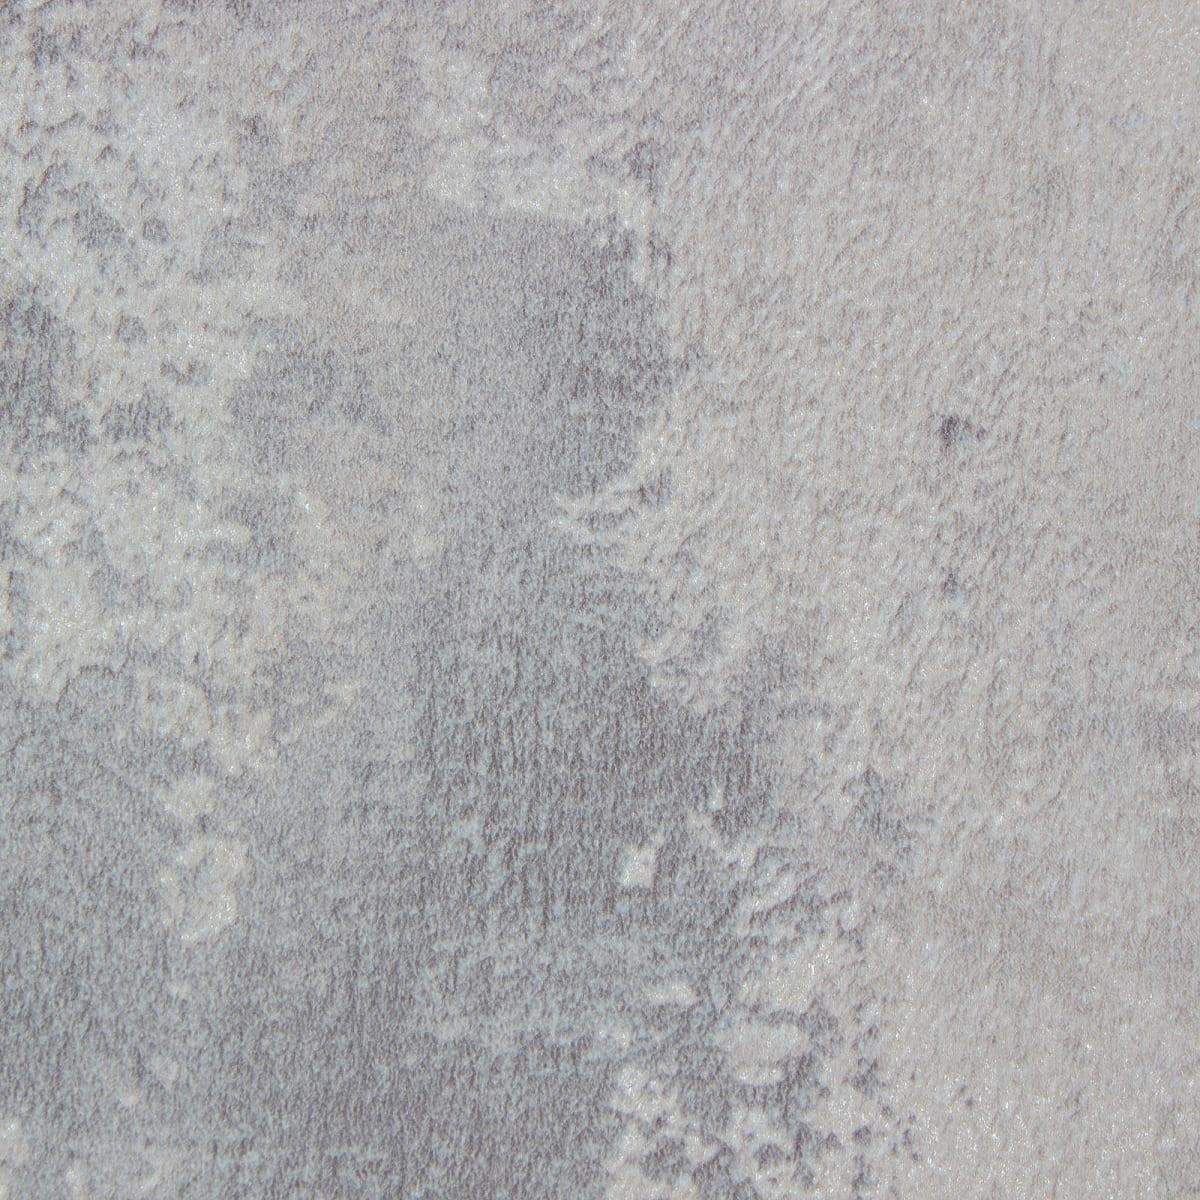 Купить обои под бетон в челябинске раствор кладочный цементный